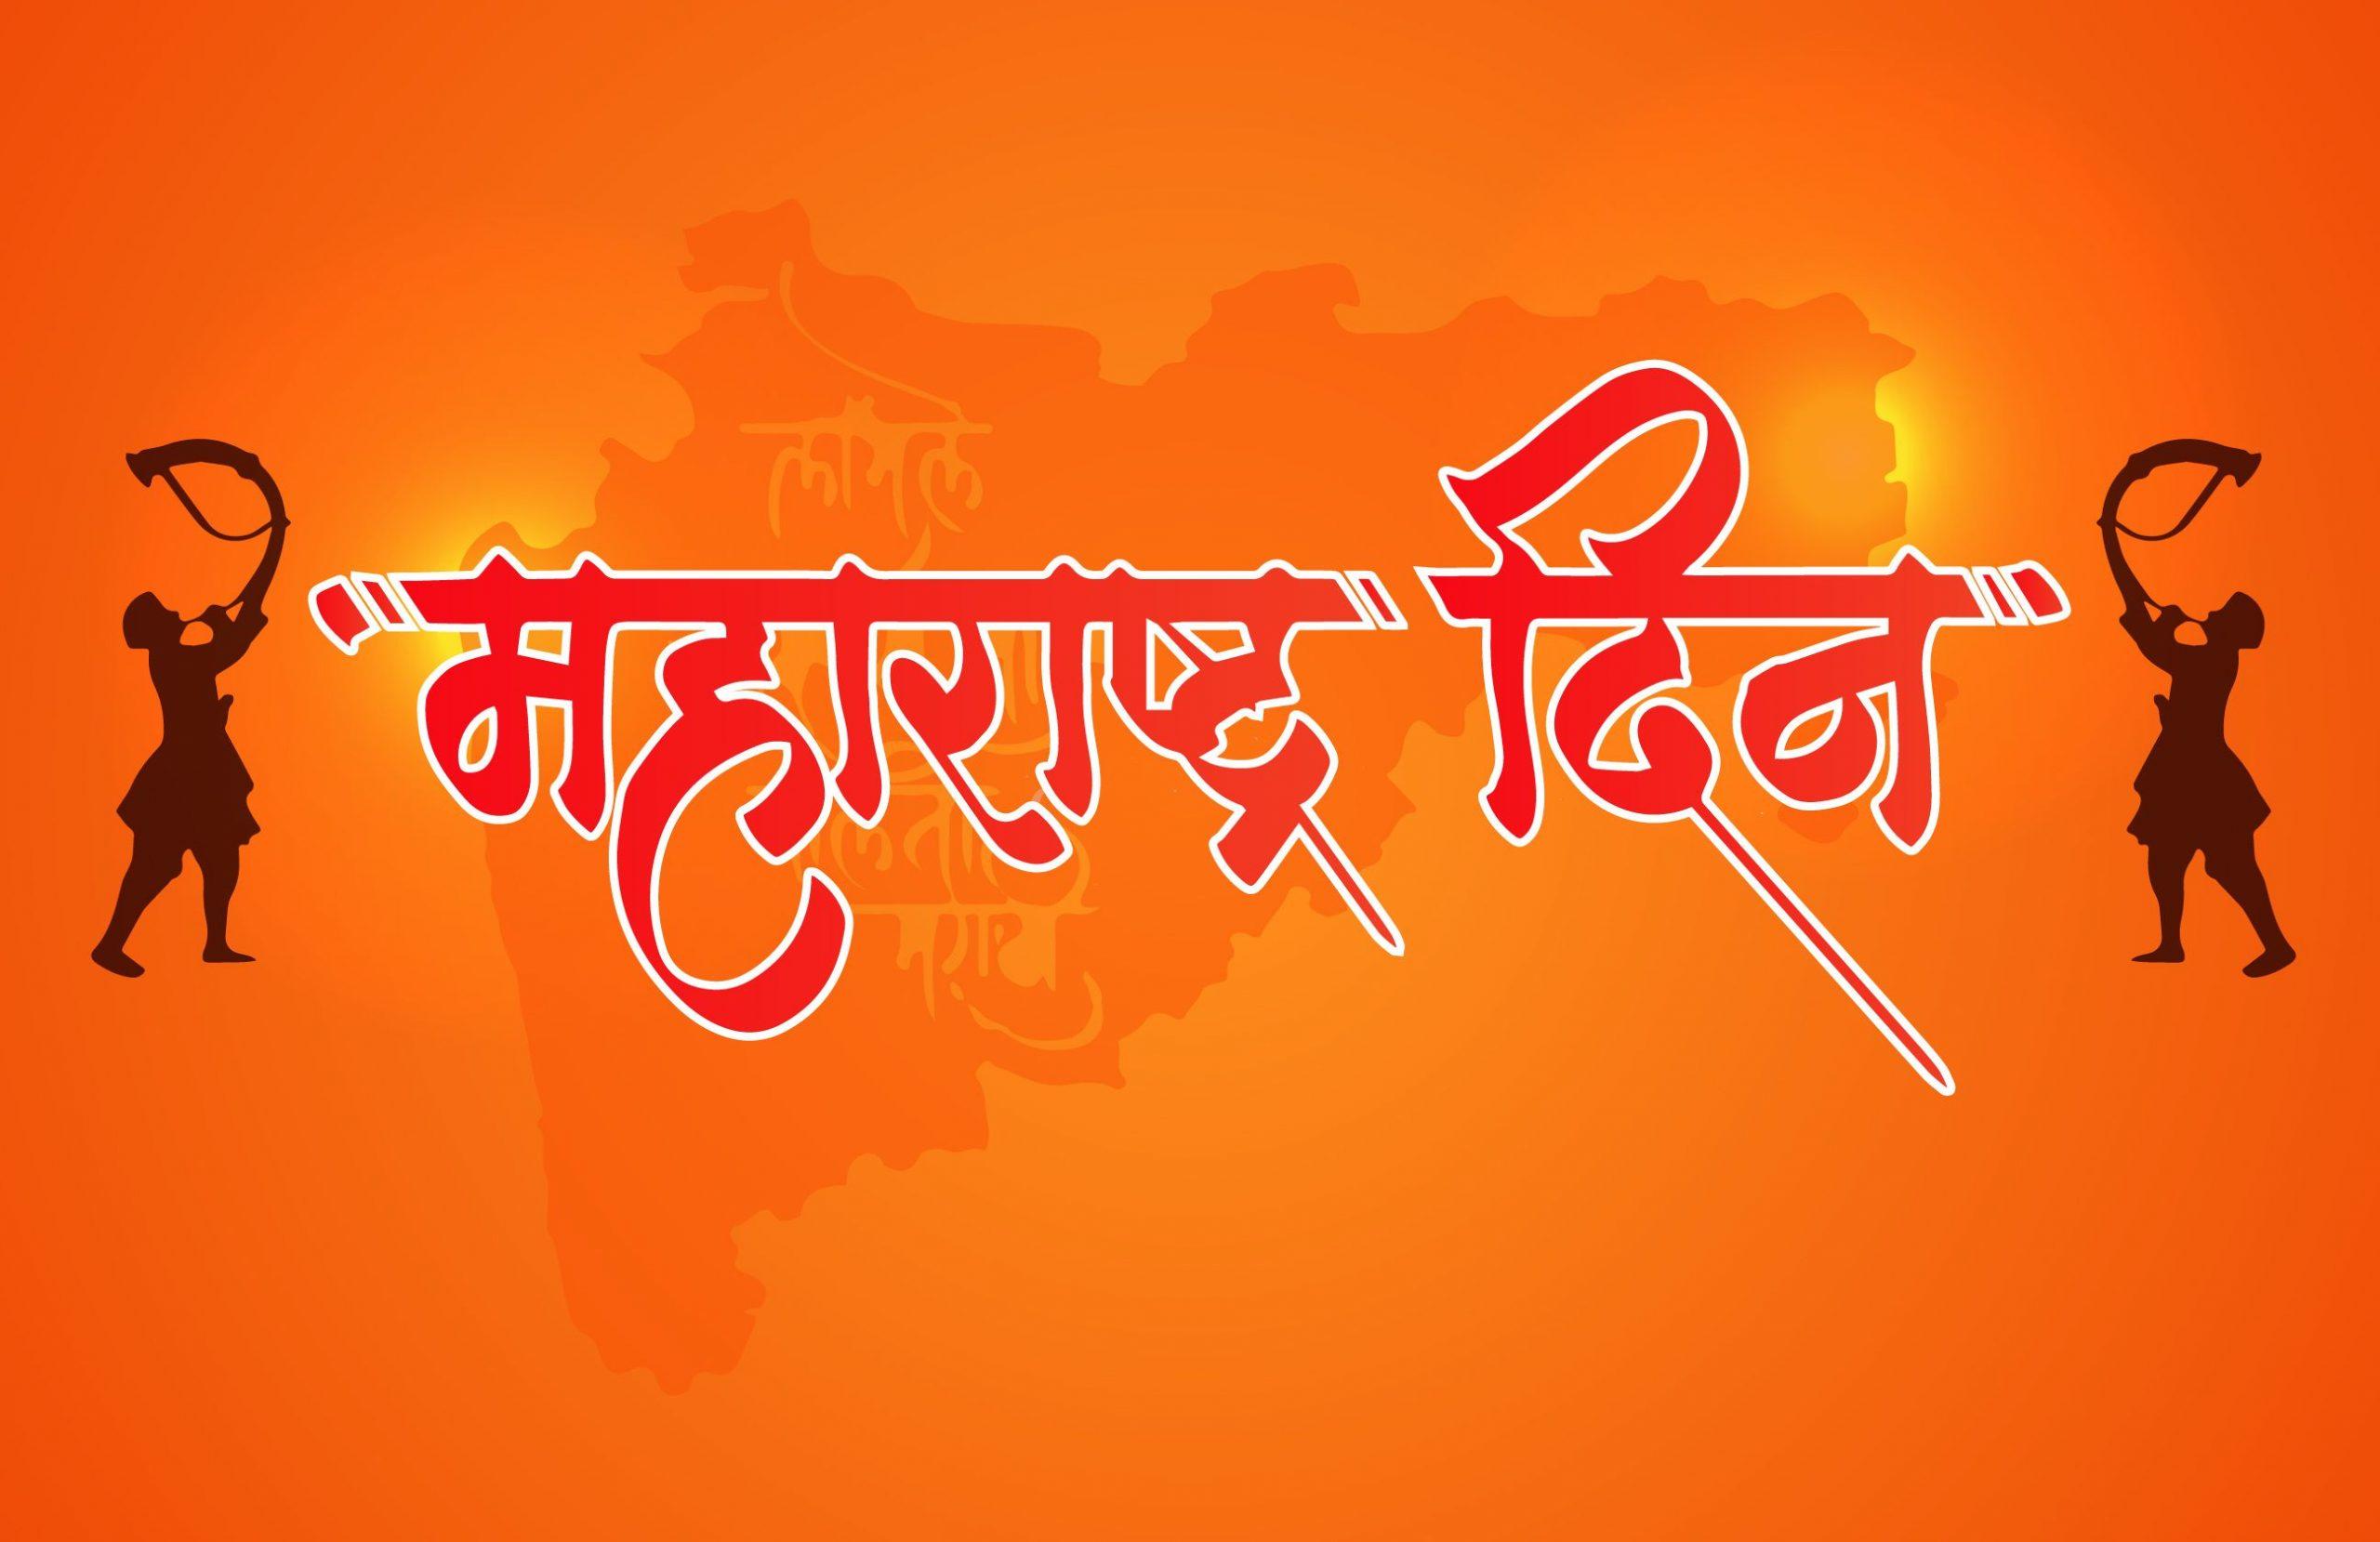 महाराष्ट्र दिवस